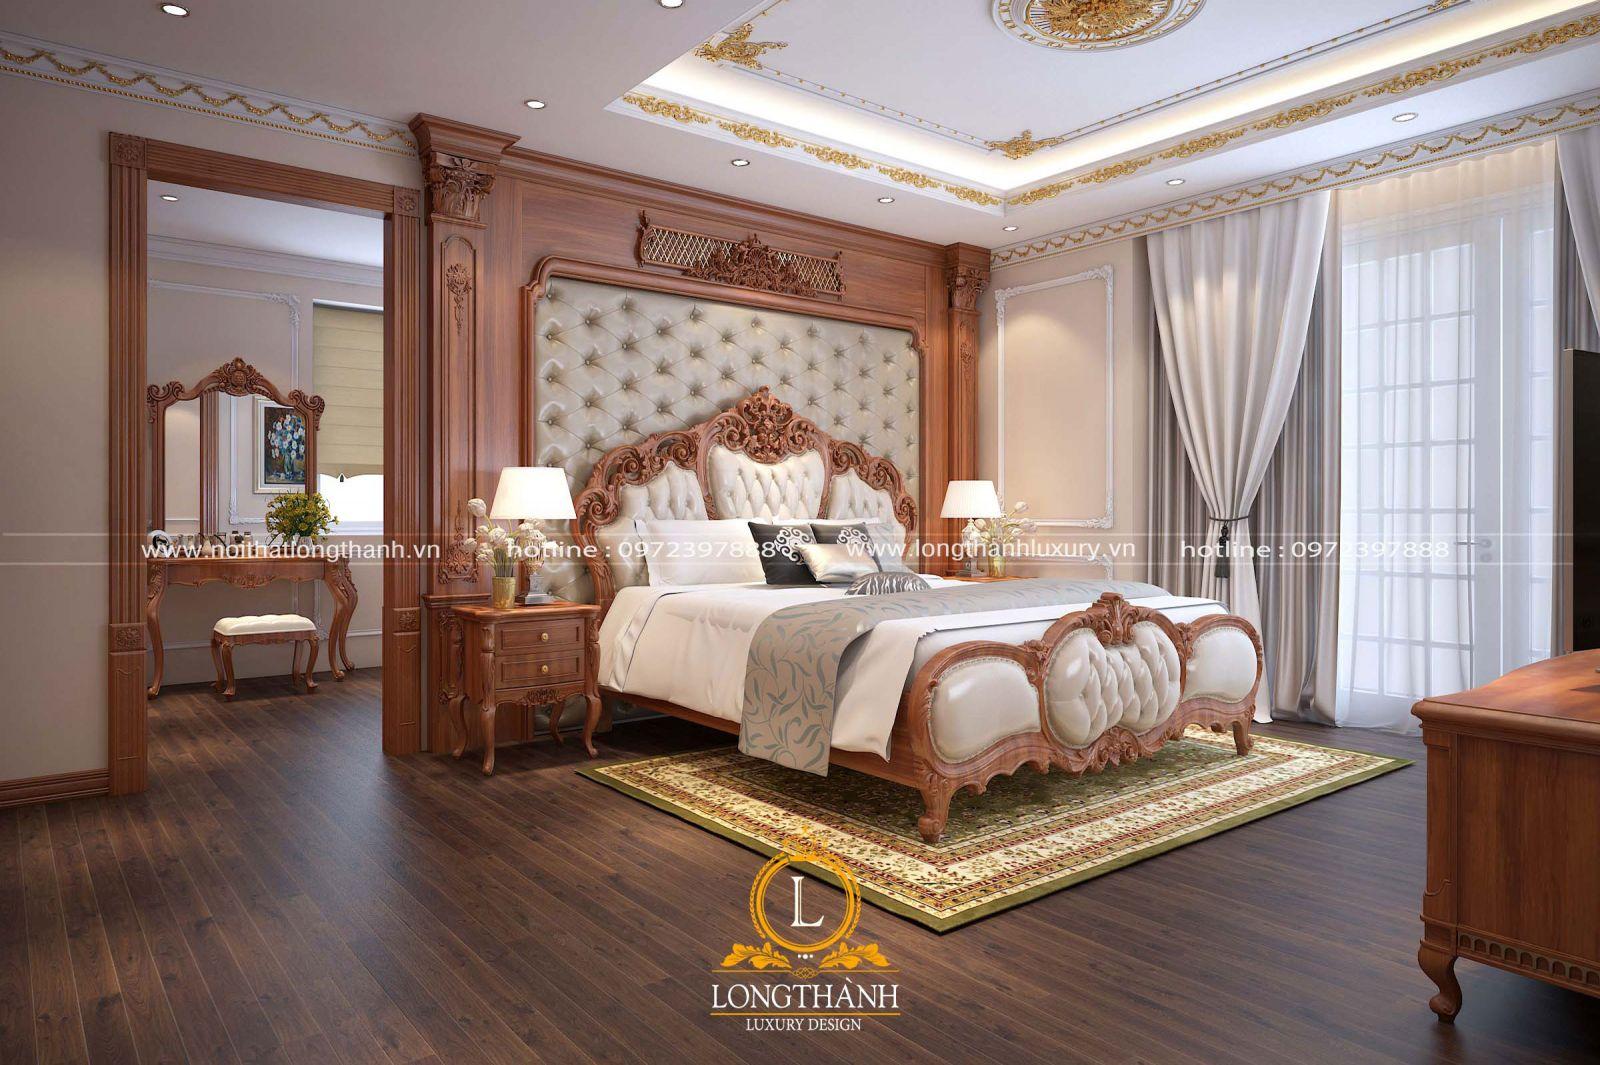 Thiết kế phòng ngủ tân cổ điển tận dụng tối đa ánh sáng tự nhiên